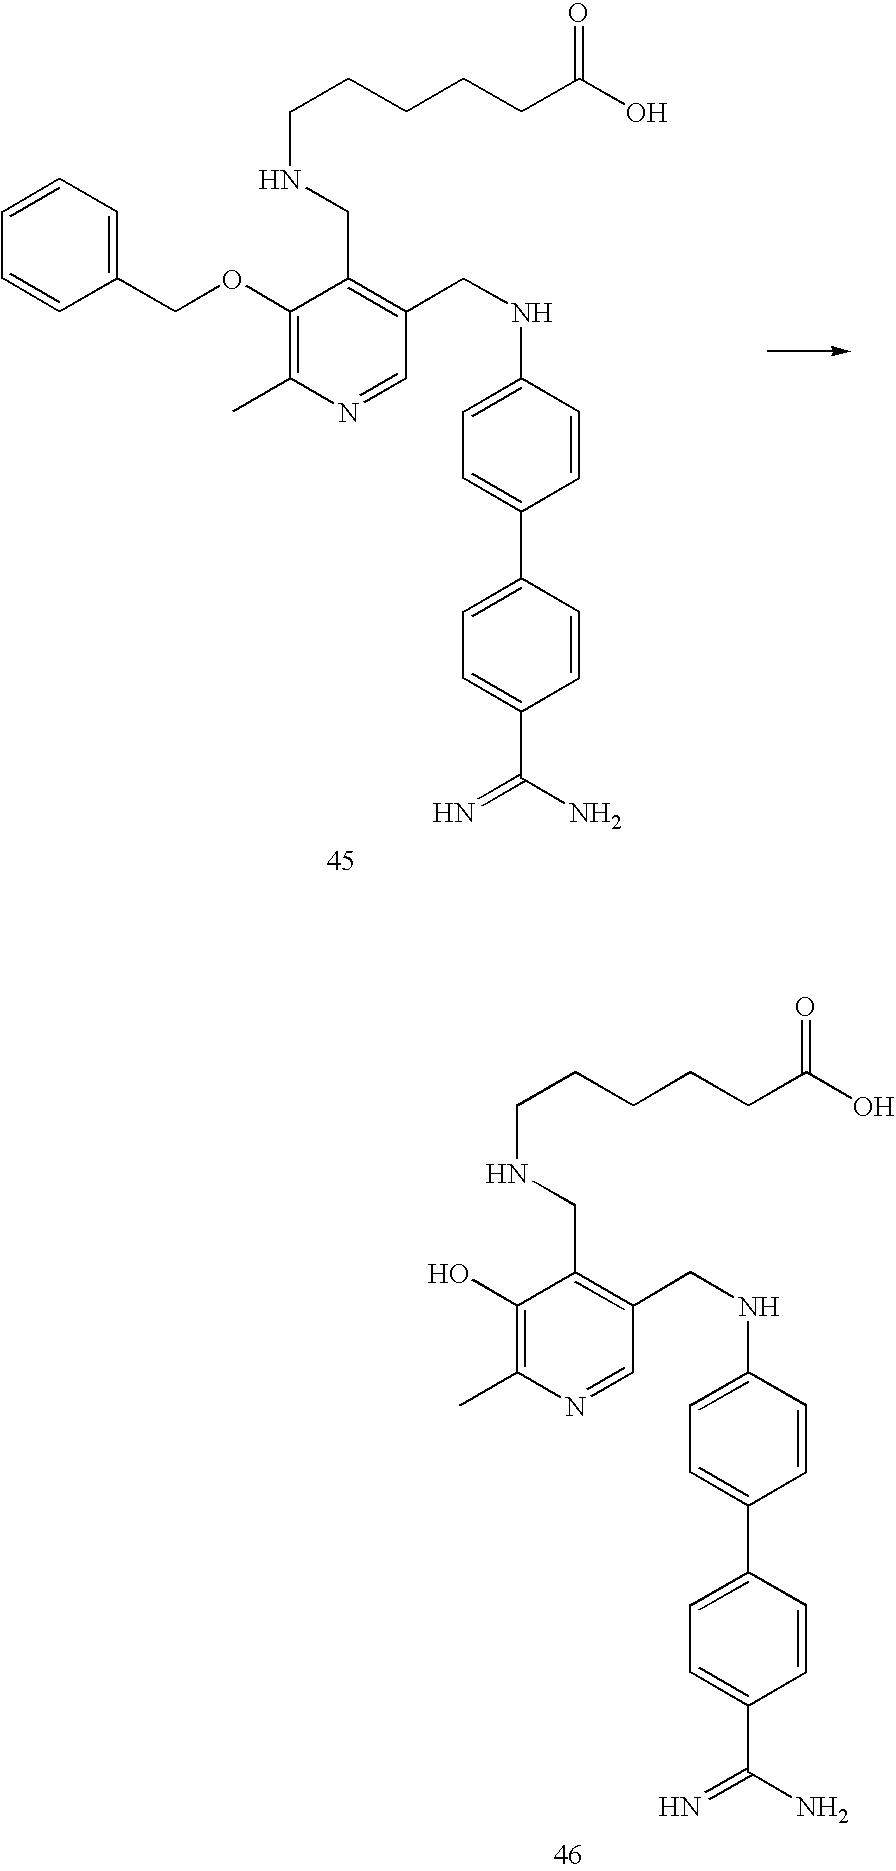 Figure US20060094761A1-20060504-C00075